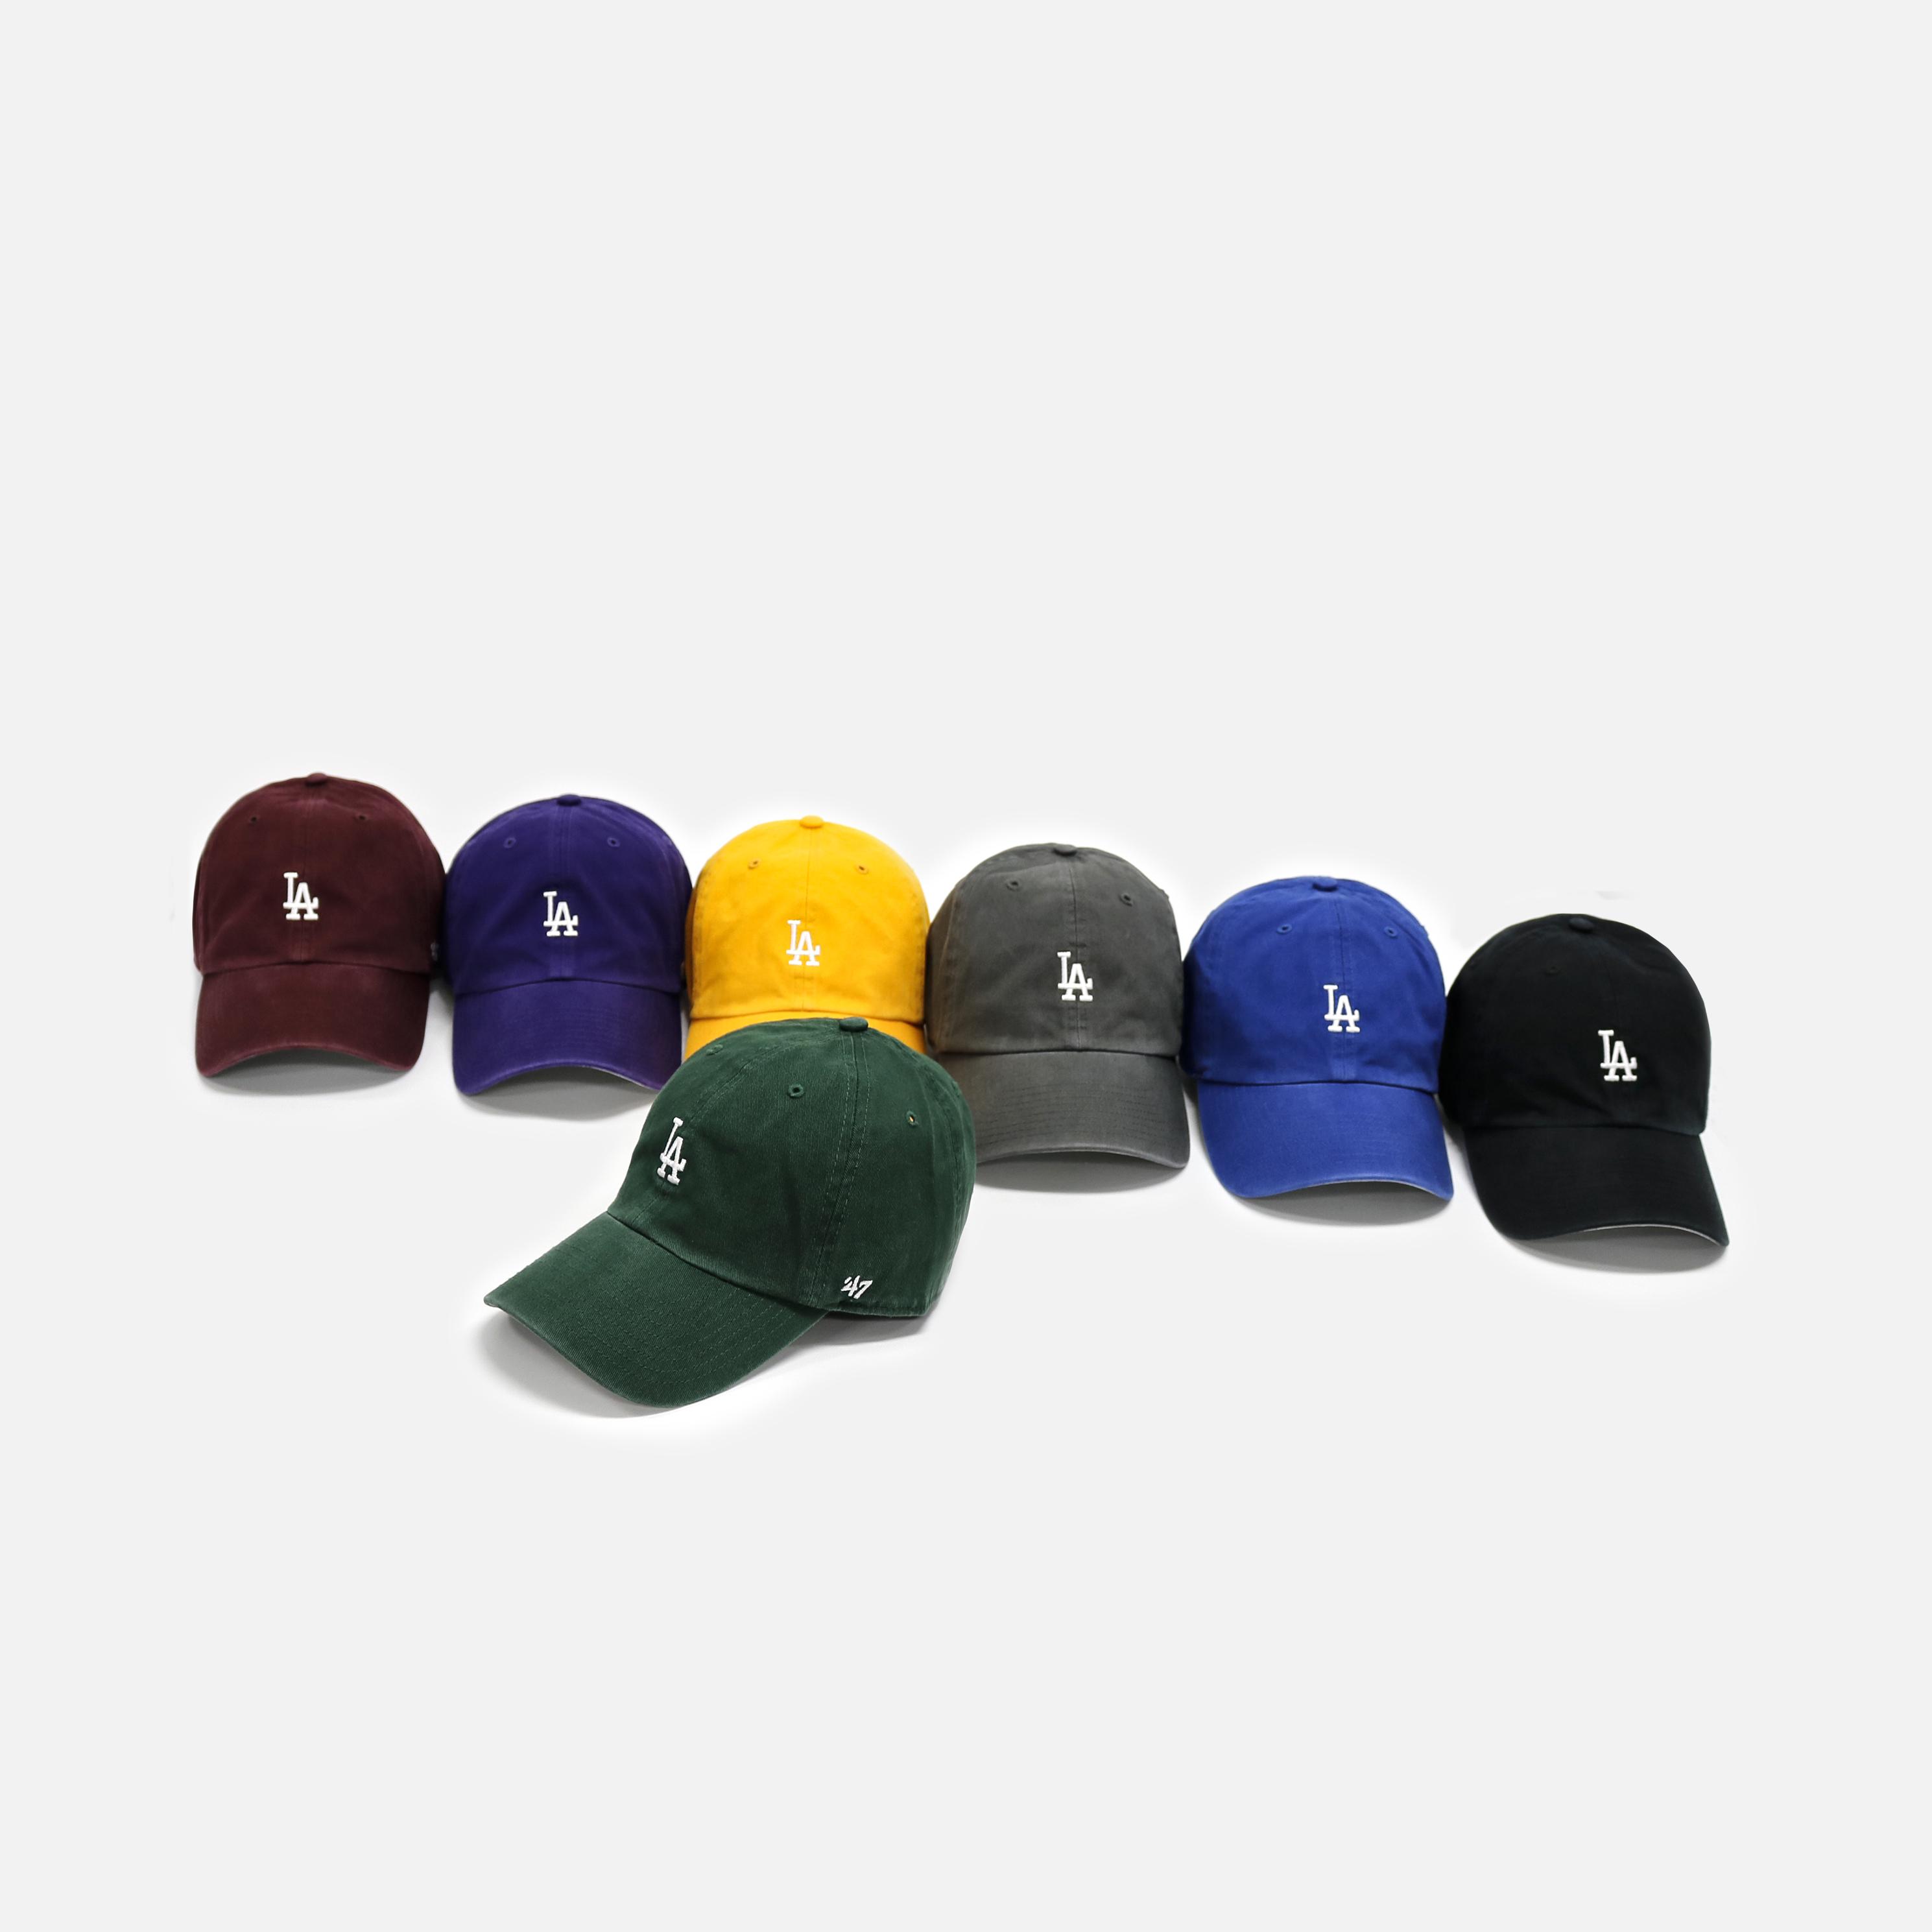 47브랜드 LA 볼캡 모자